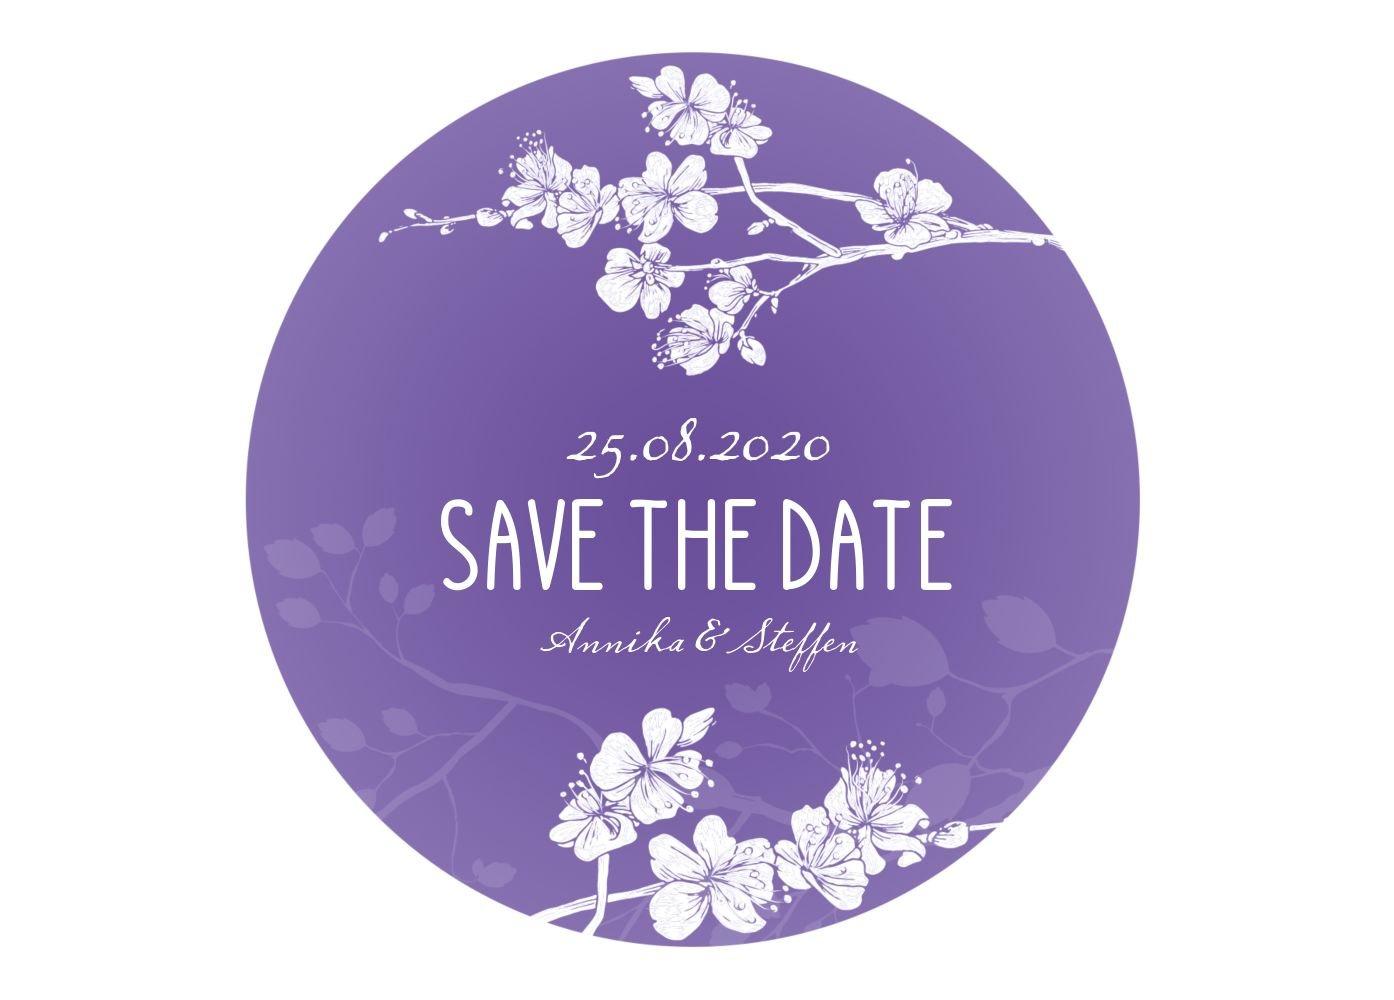 Save-the-Date Cherry Blossom, 80 Karten, Lilamatt B07B6NNYM3 | Guter Guter Guter weltweiter Ruf  | Bekannt für seine schöne Qualität  | Qualität und Verbraucher an erster Stelle  7d2838